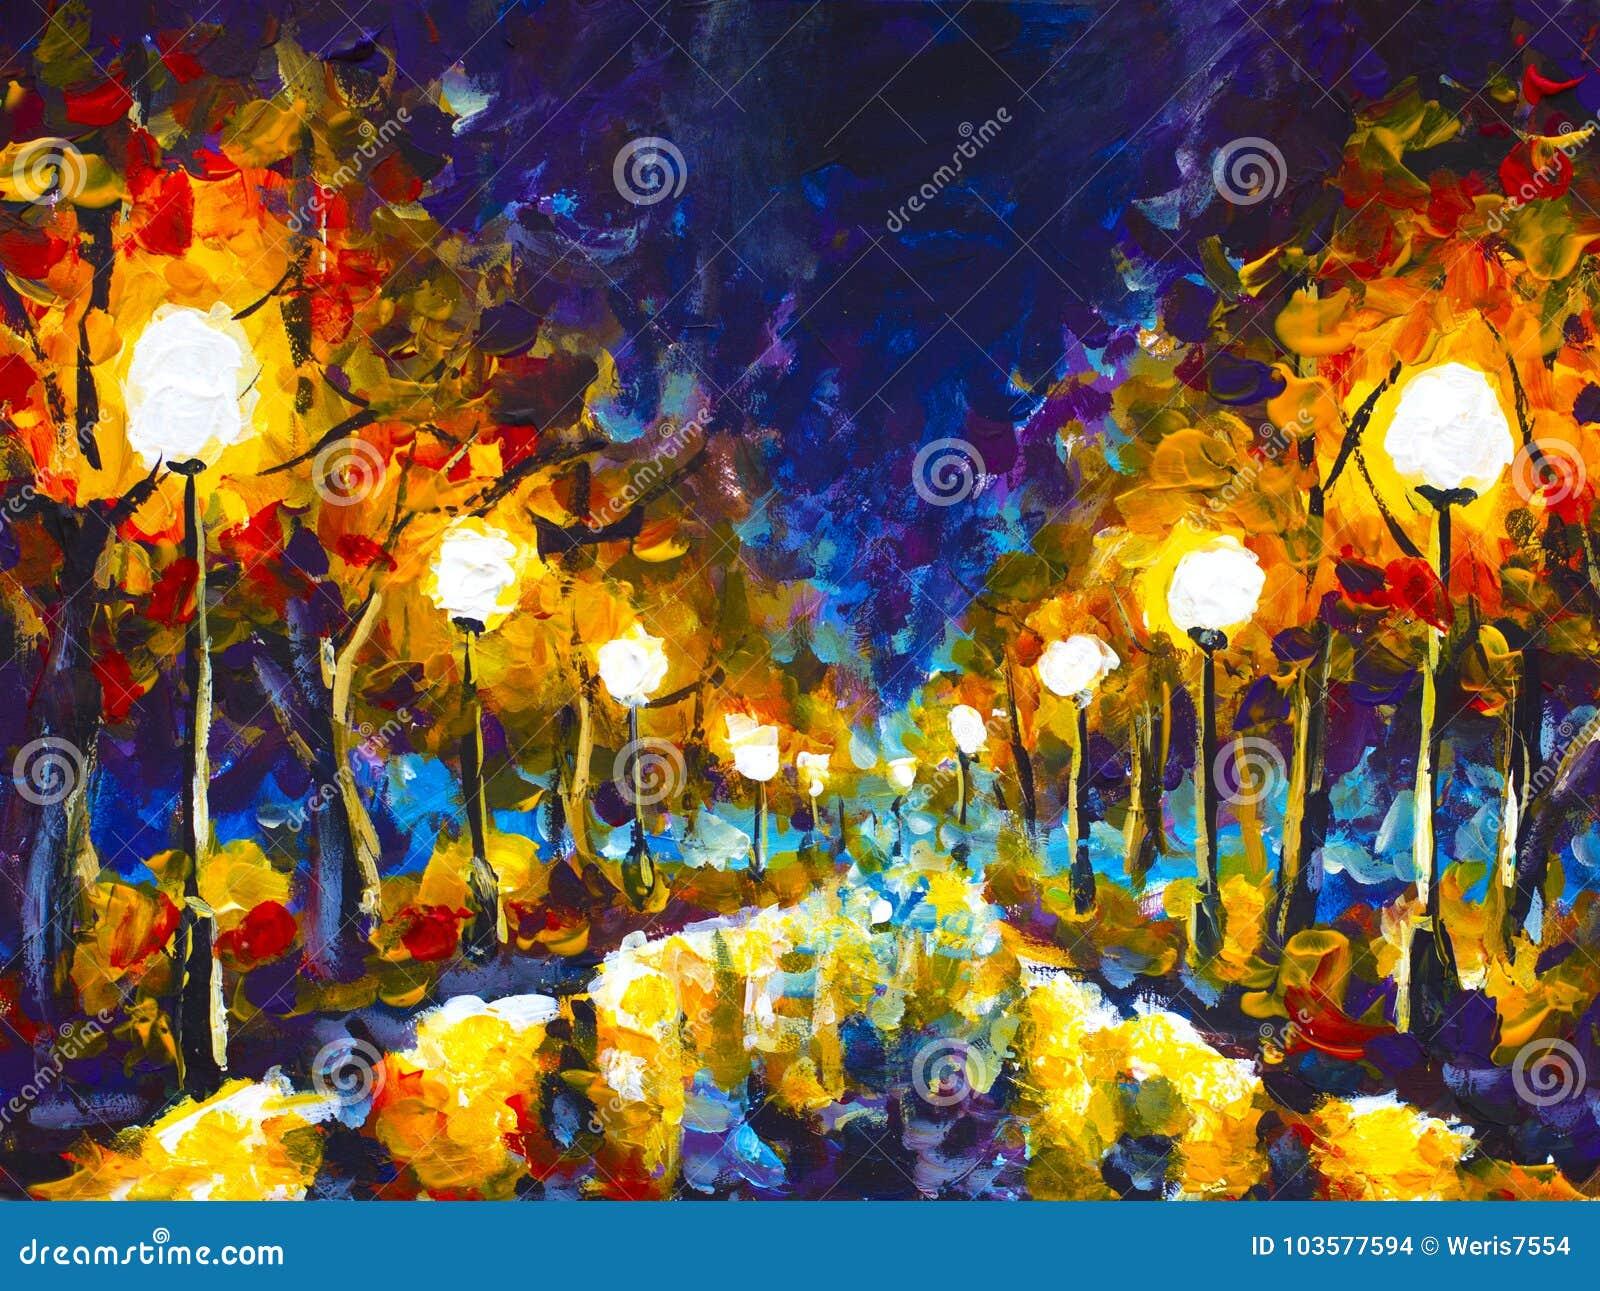 Ursprüngliches Expressionismusölgemäldeabend-Parkstadtbild, schöne Reflexion auf nassem Asphalt auf Segeltuch Abstraktes violett-